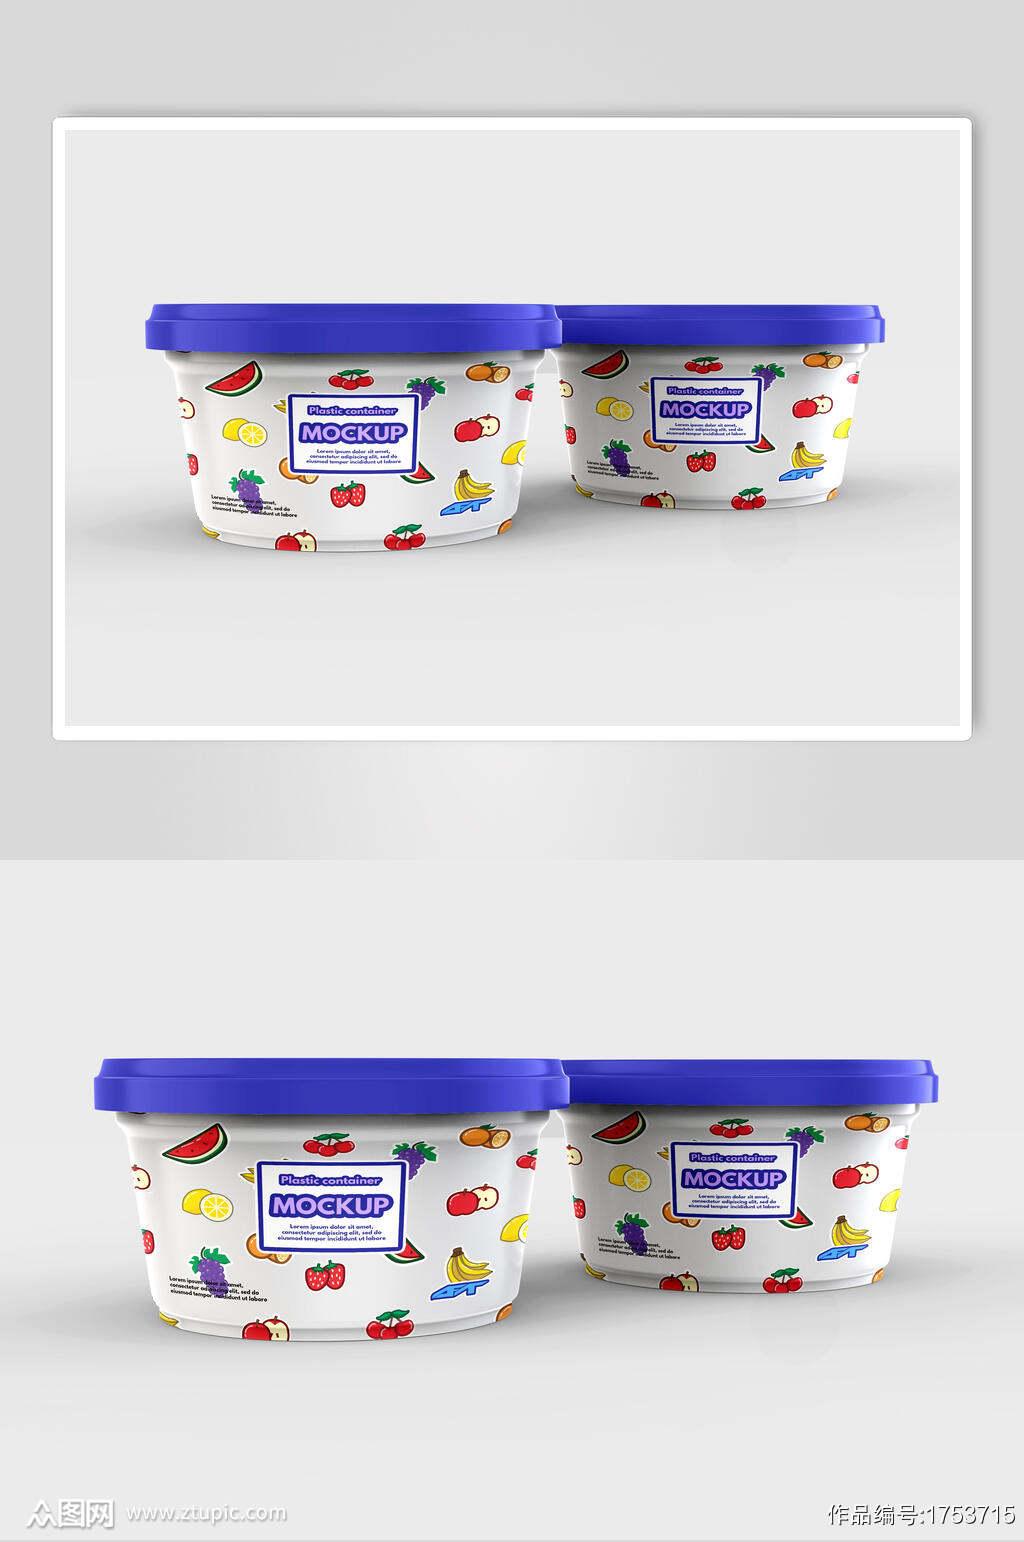 水果风冰淇淋包装样机效果图素材